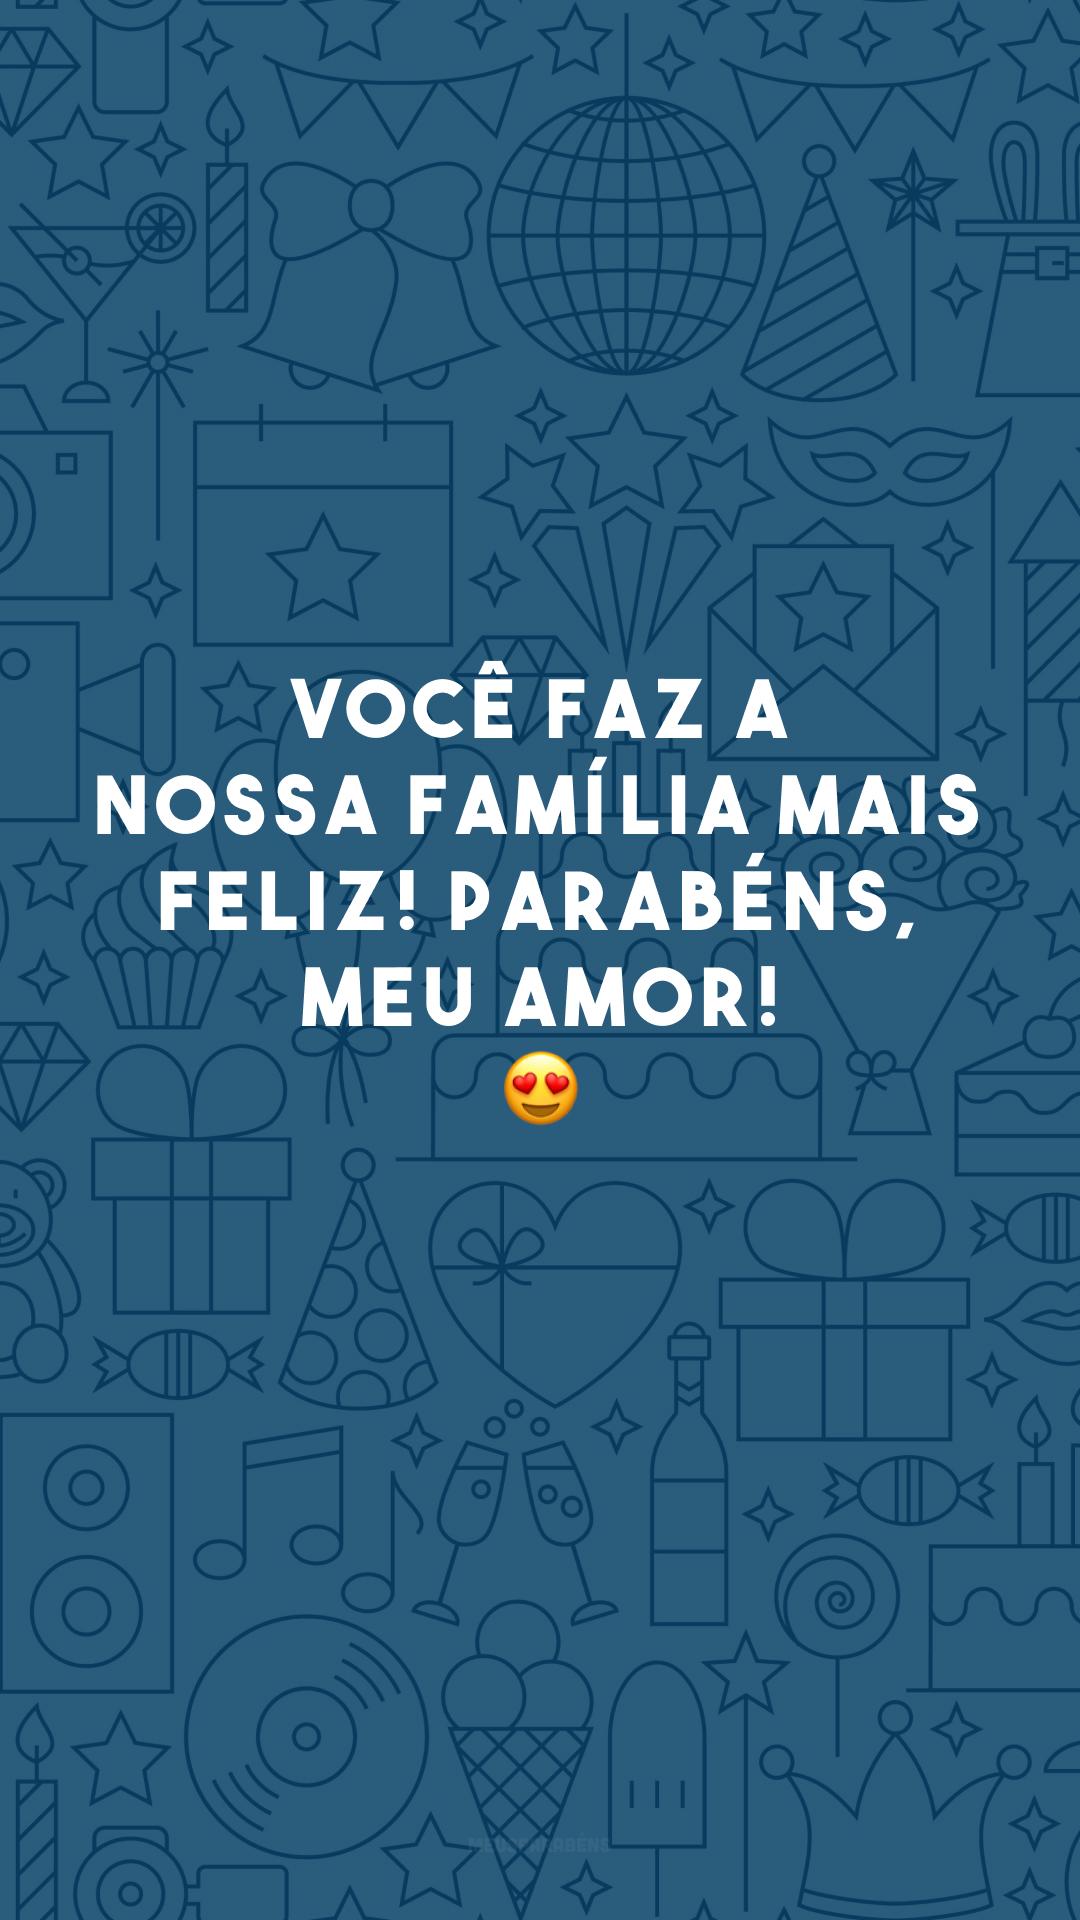 Você faz a nossa família mais feliz! Parabéns, meu amor! 😍